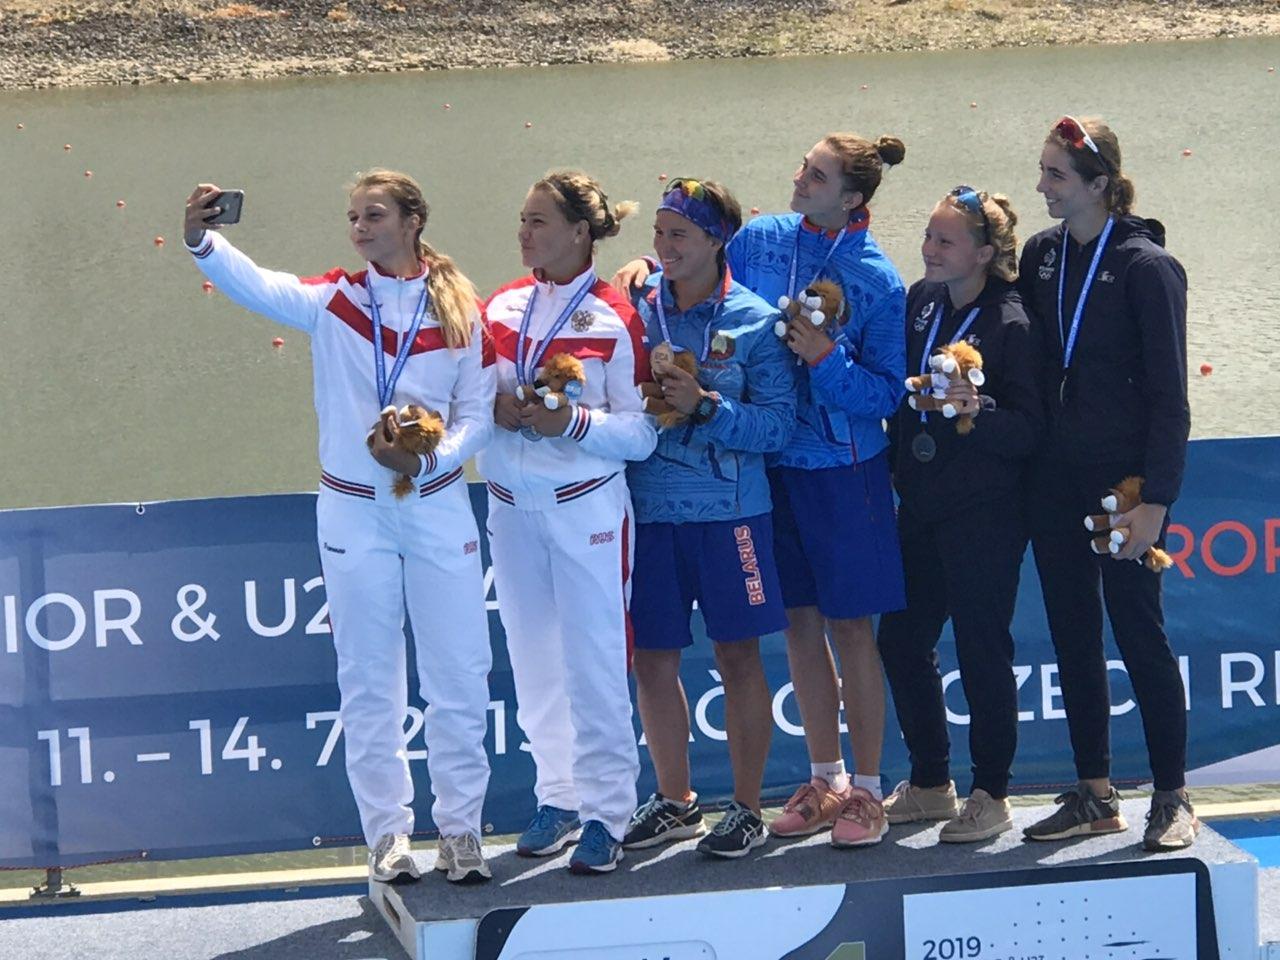 Южноуральская спортсменка Анна Князева завоевала серебряную медаль в первенстве Европы по гребле